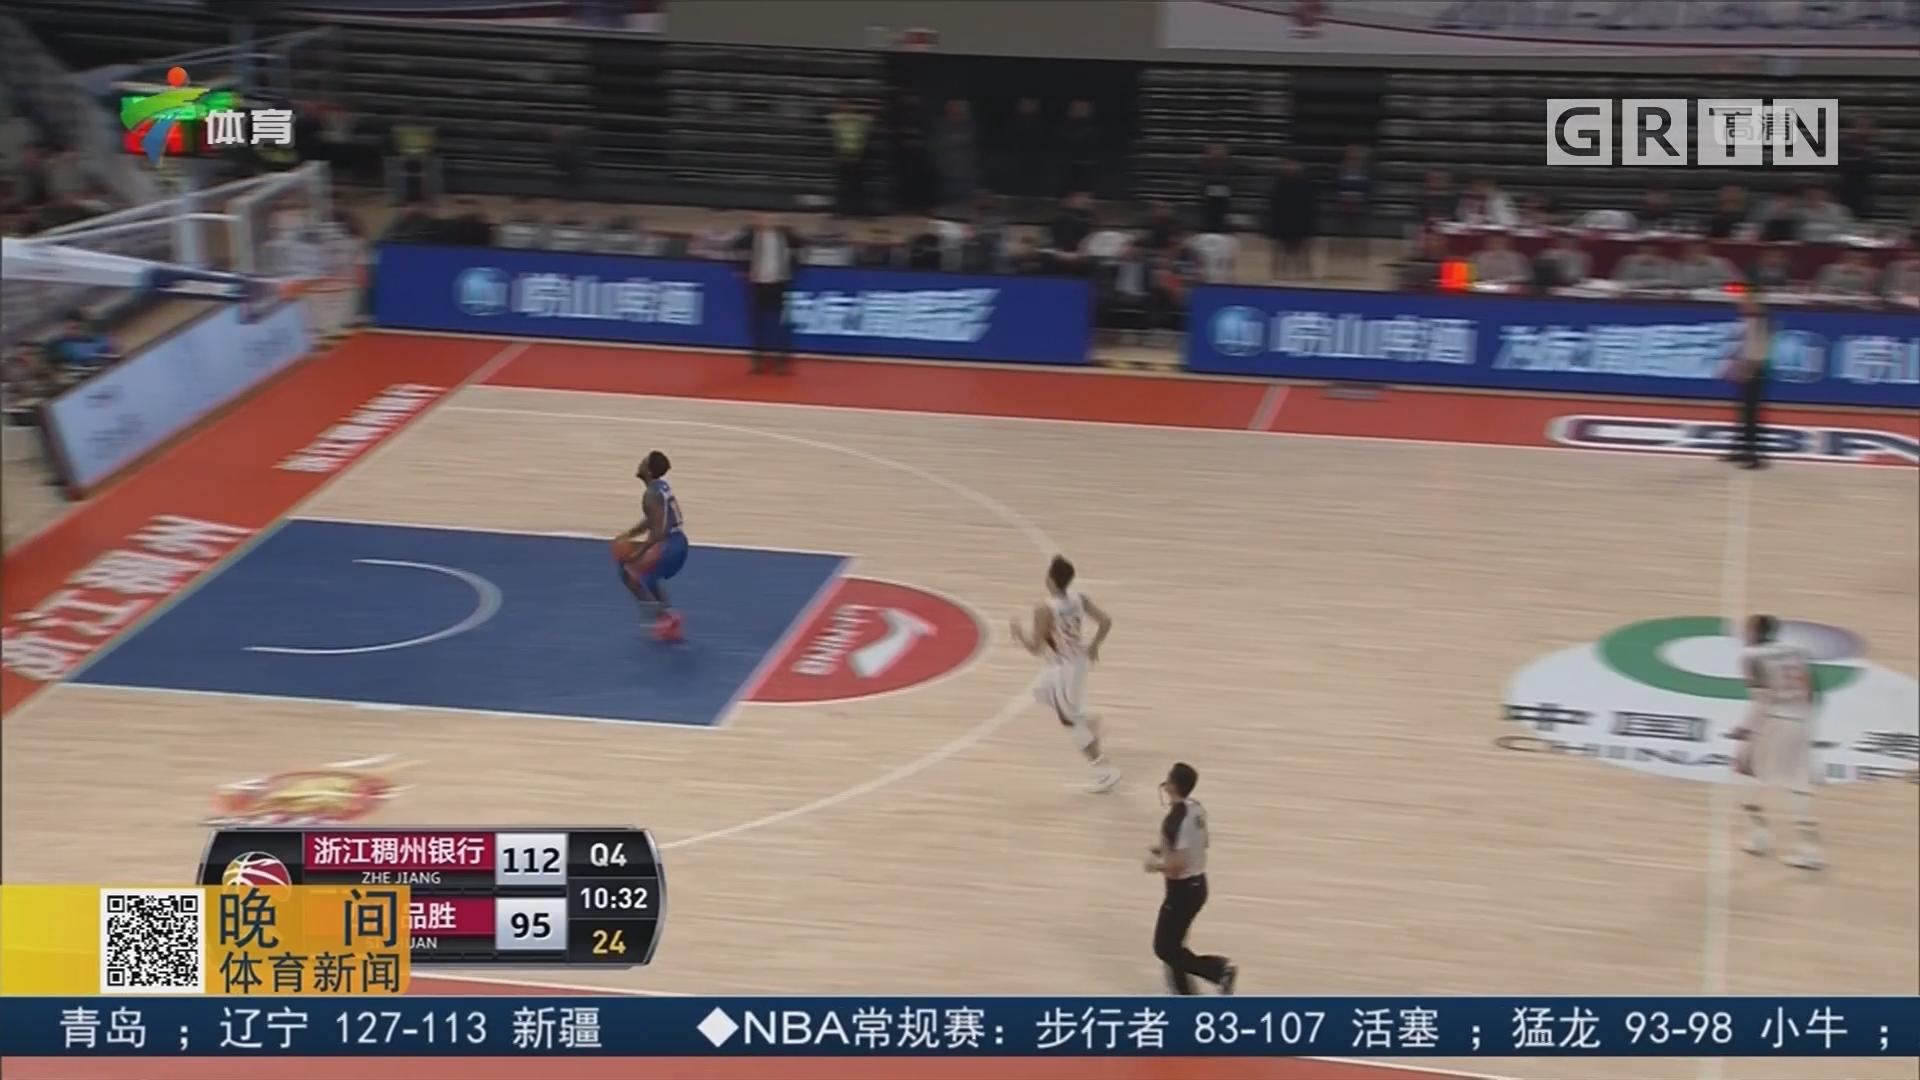 深圳队需用胜利来巩固前六的位置